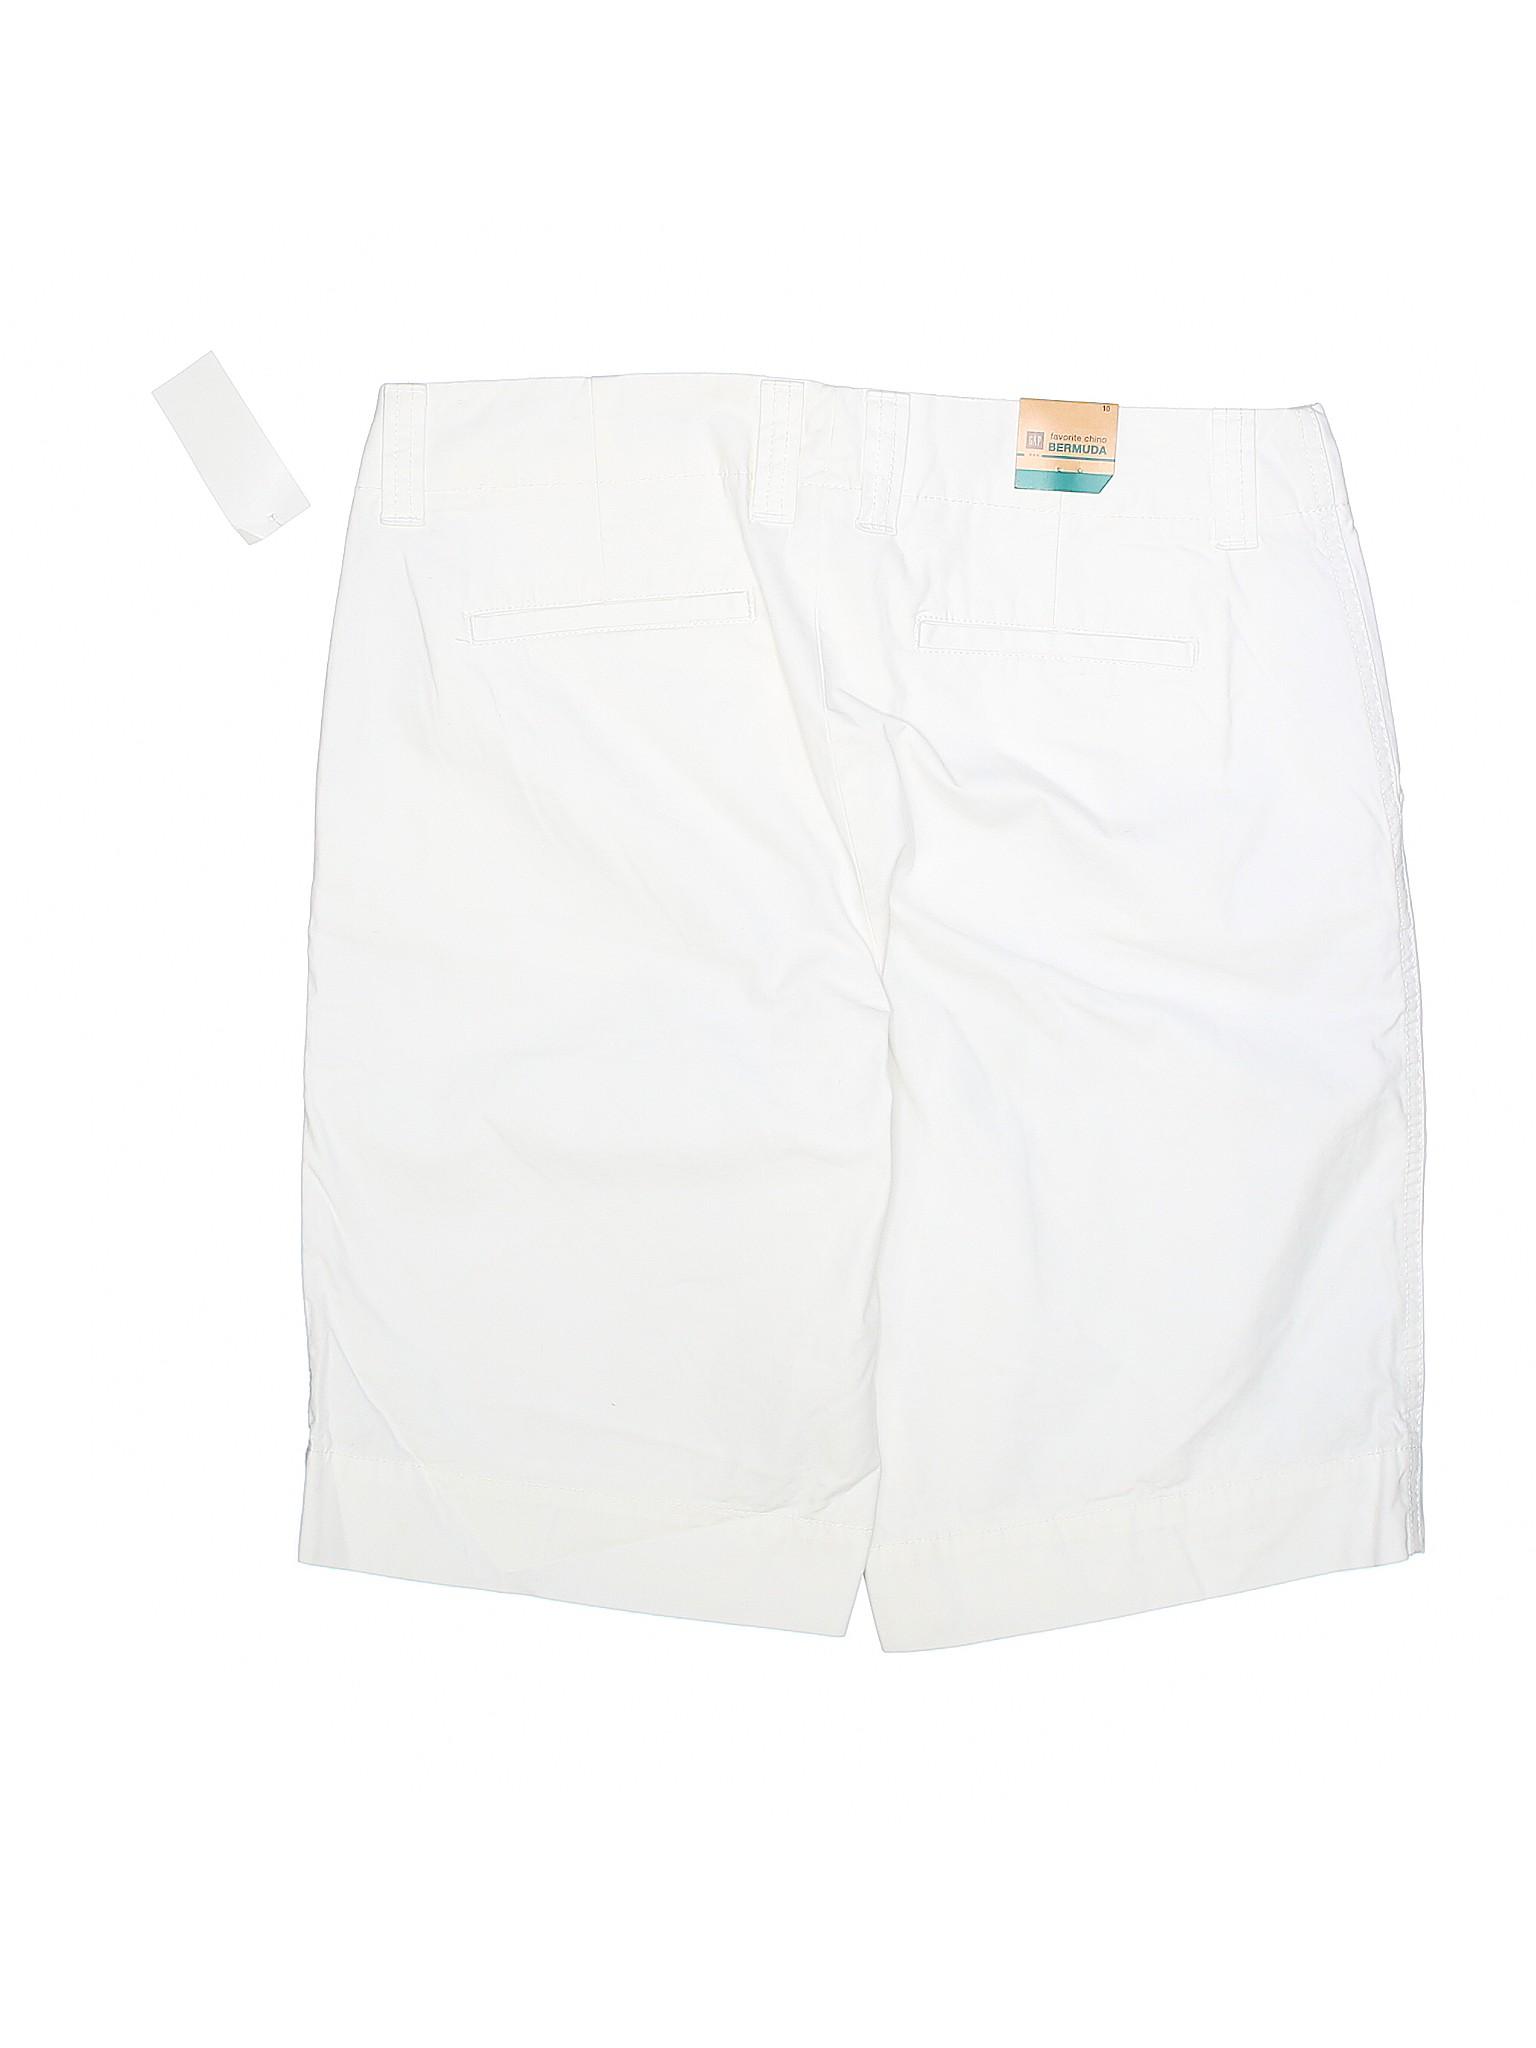 Outlet Shorts Boutique Gap Gap Boutique Khaki W8wq0Bgpq